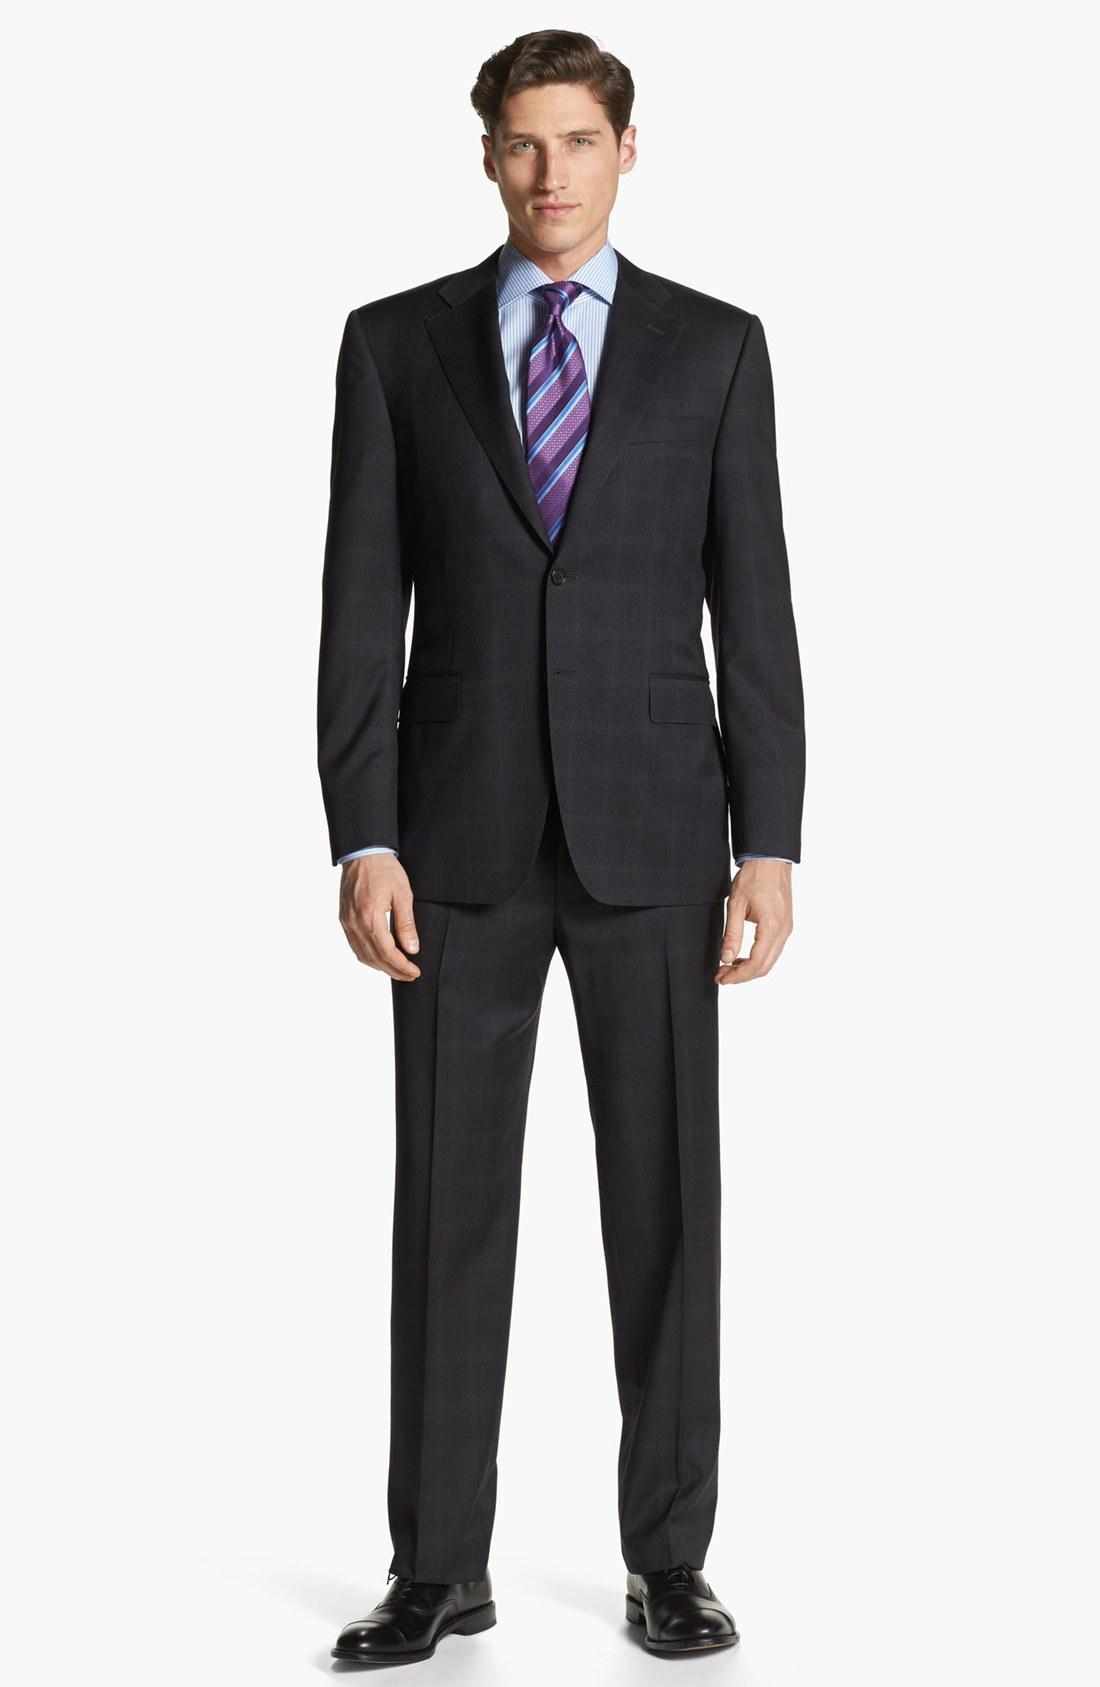 Plad Men S Suits Bing Images 45bb6e9ea2dd